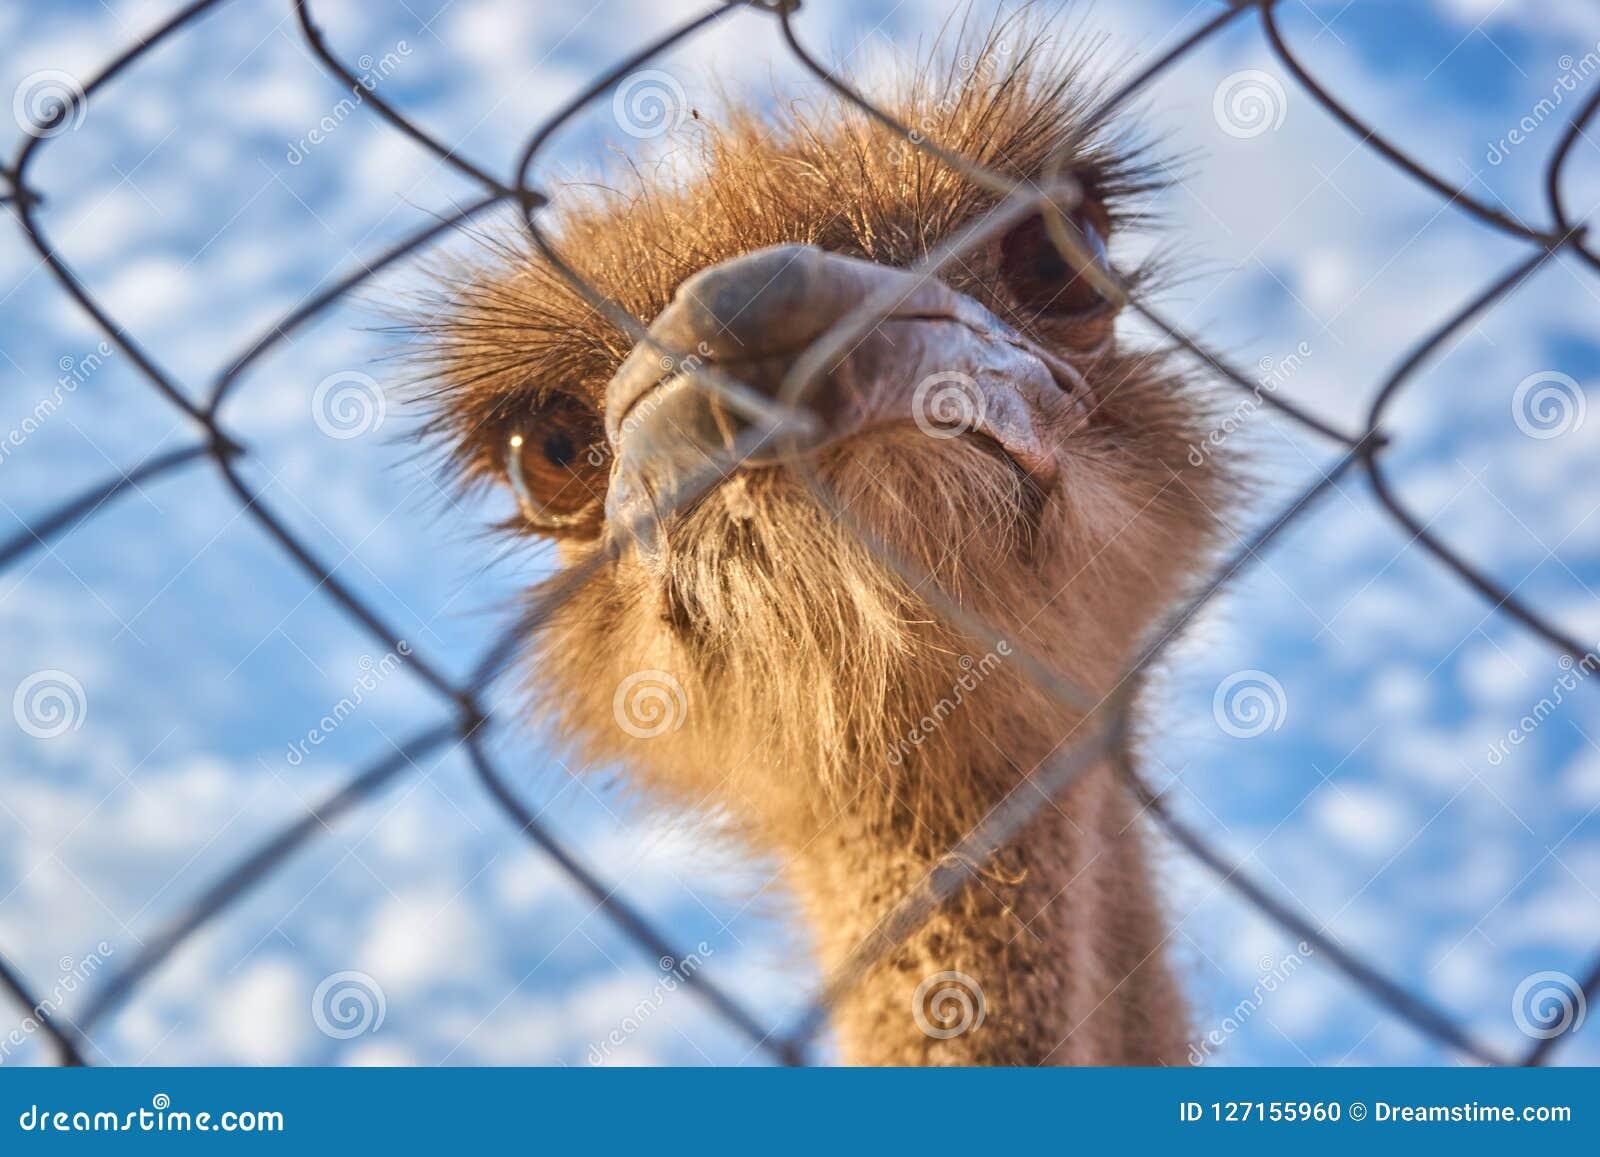 Een struisvogel met grote ogen kijkt door de rooster